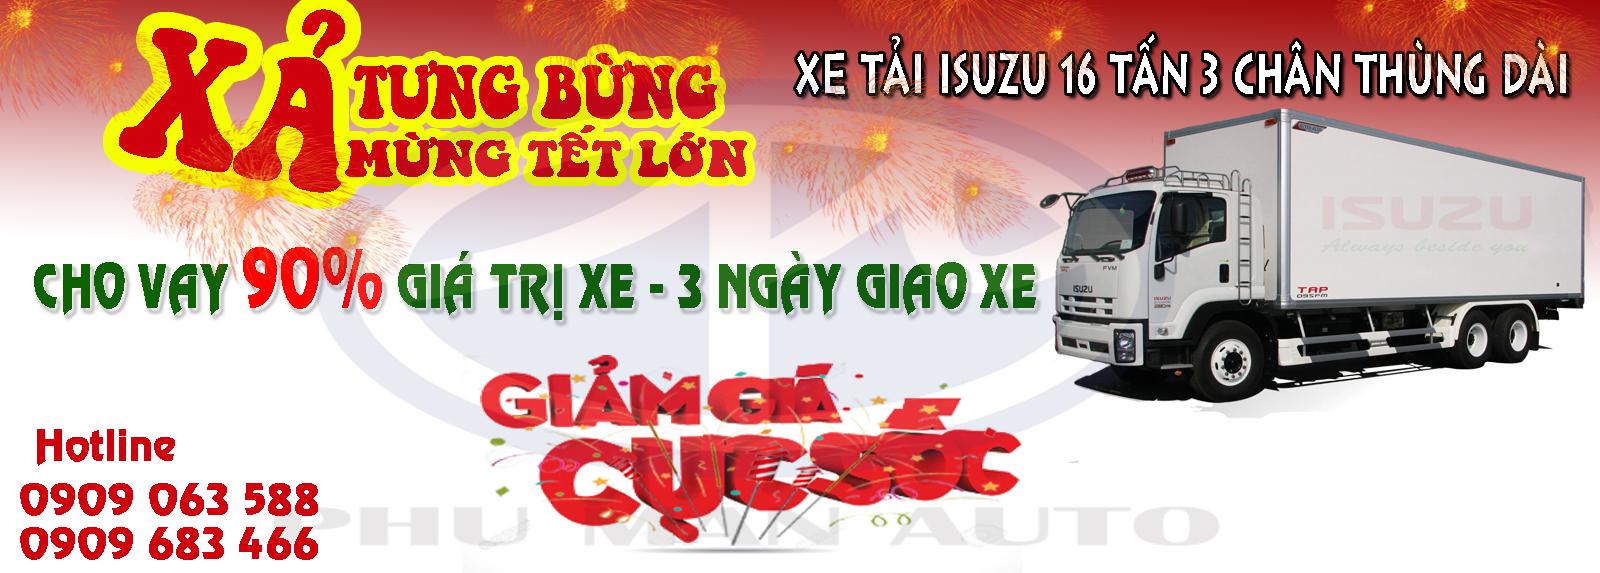 Giá xe tải Isuzu 16 tấn thùng dài/Nơi bán xe tải Isuzu 16 tấn 3 chân uy tín ở đâu??/